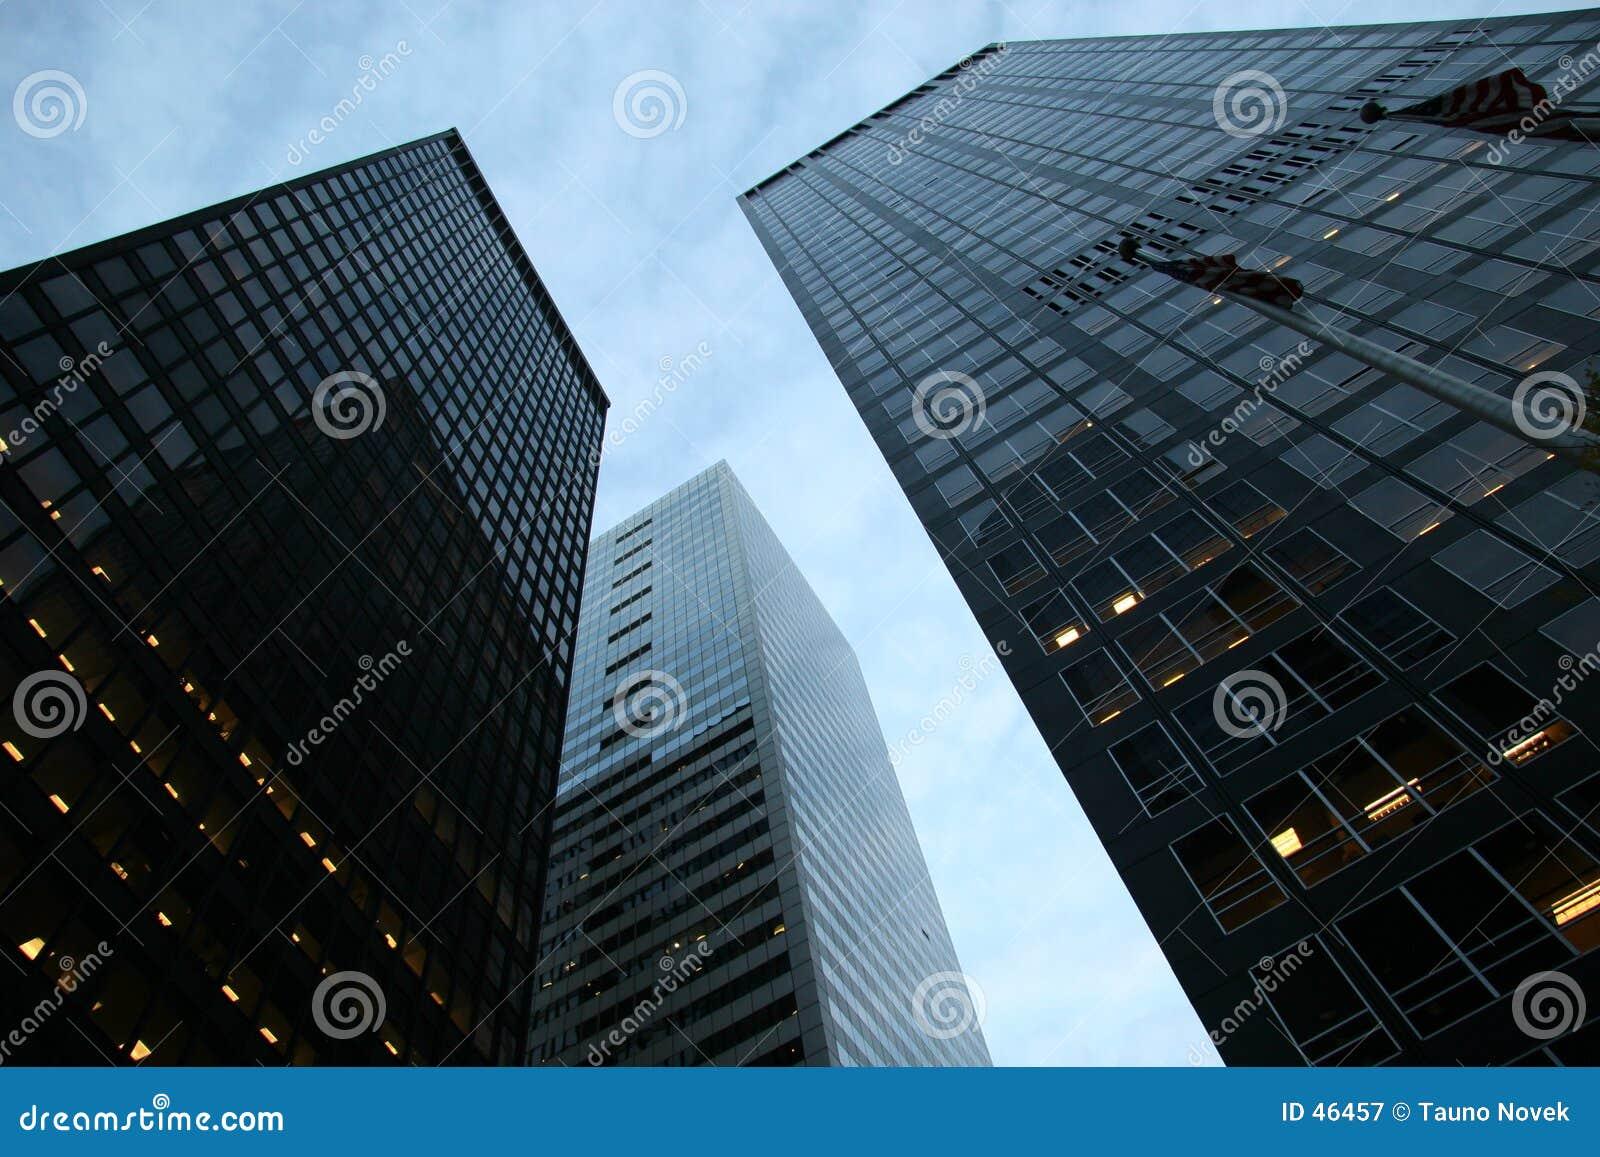 Gromadzcy wieżowce finansowe